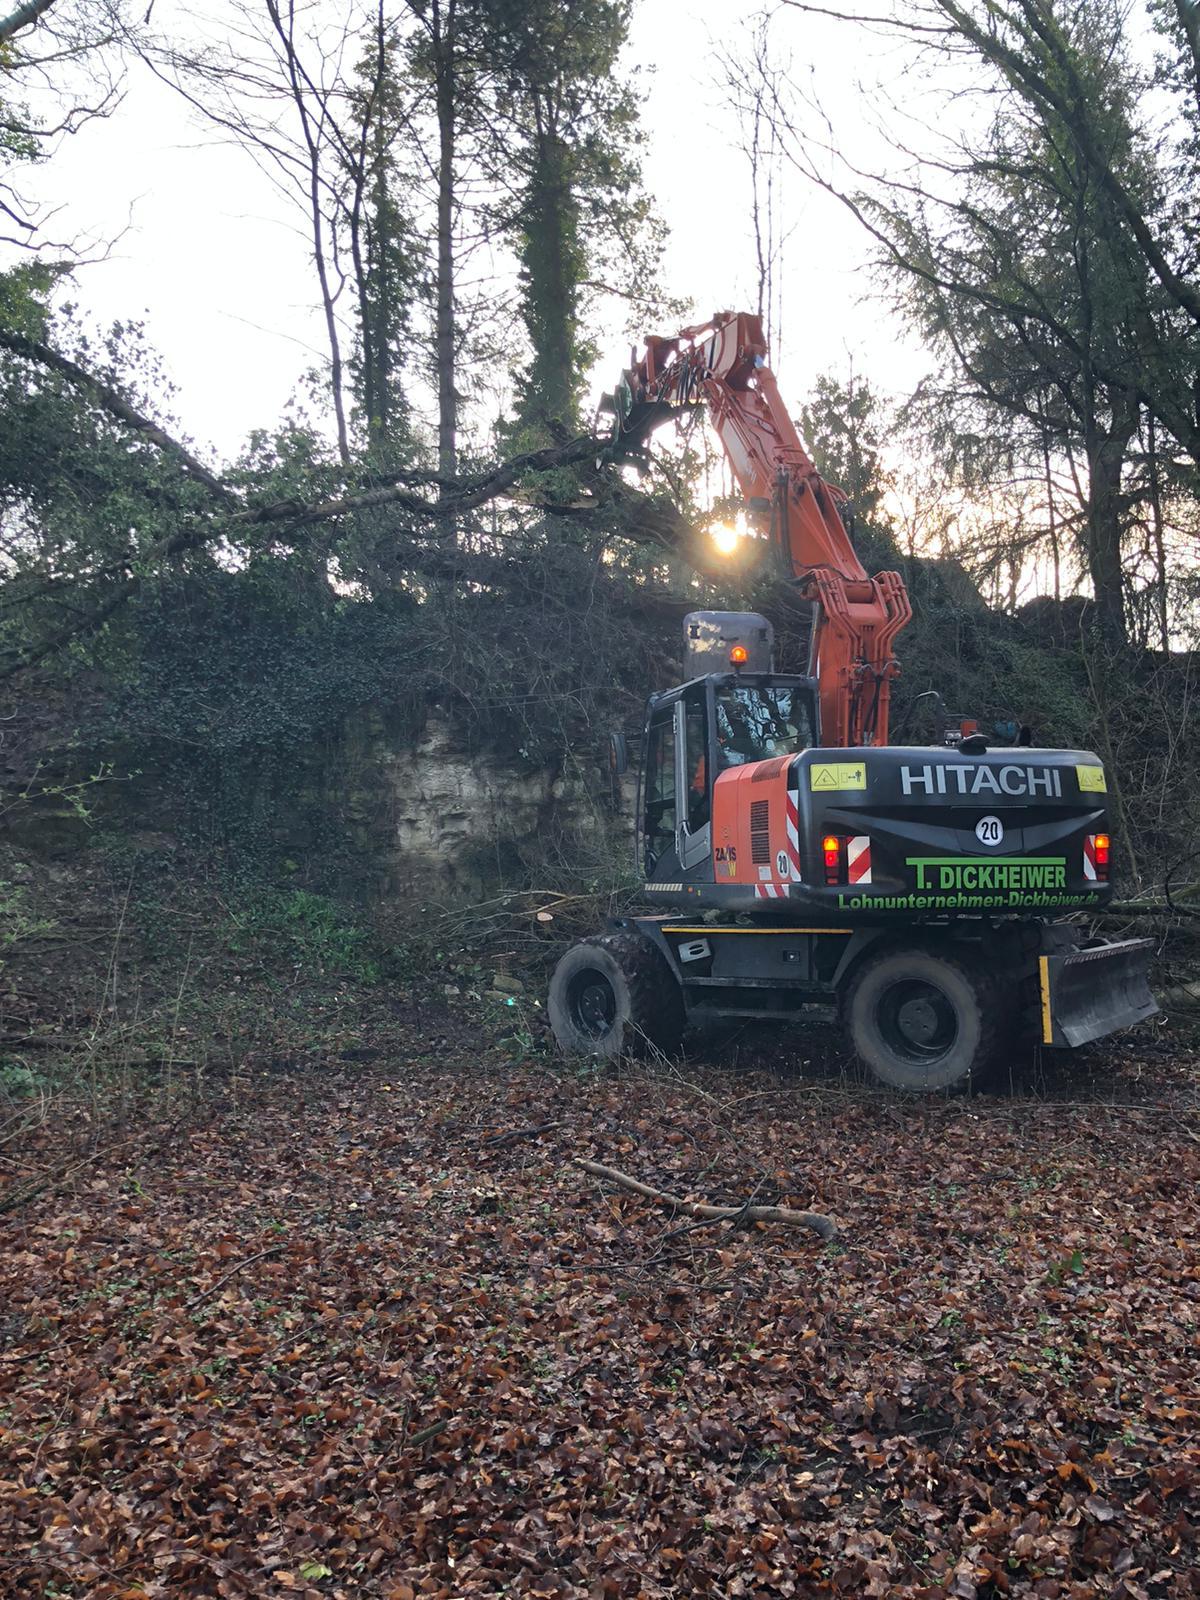 HITACHI 21 t Mobilbagger bei der Baumfällung